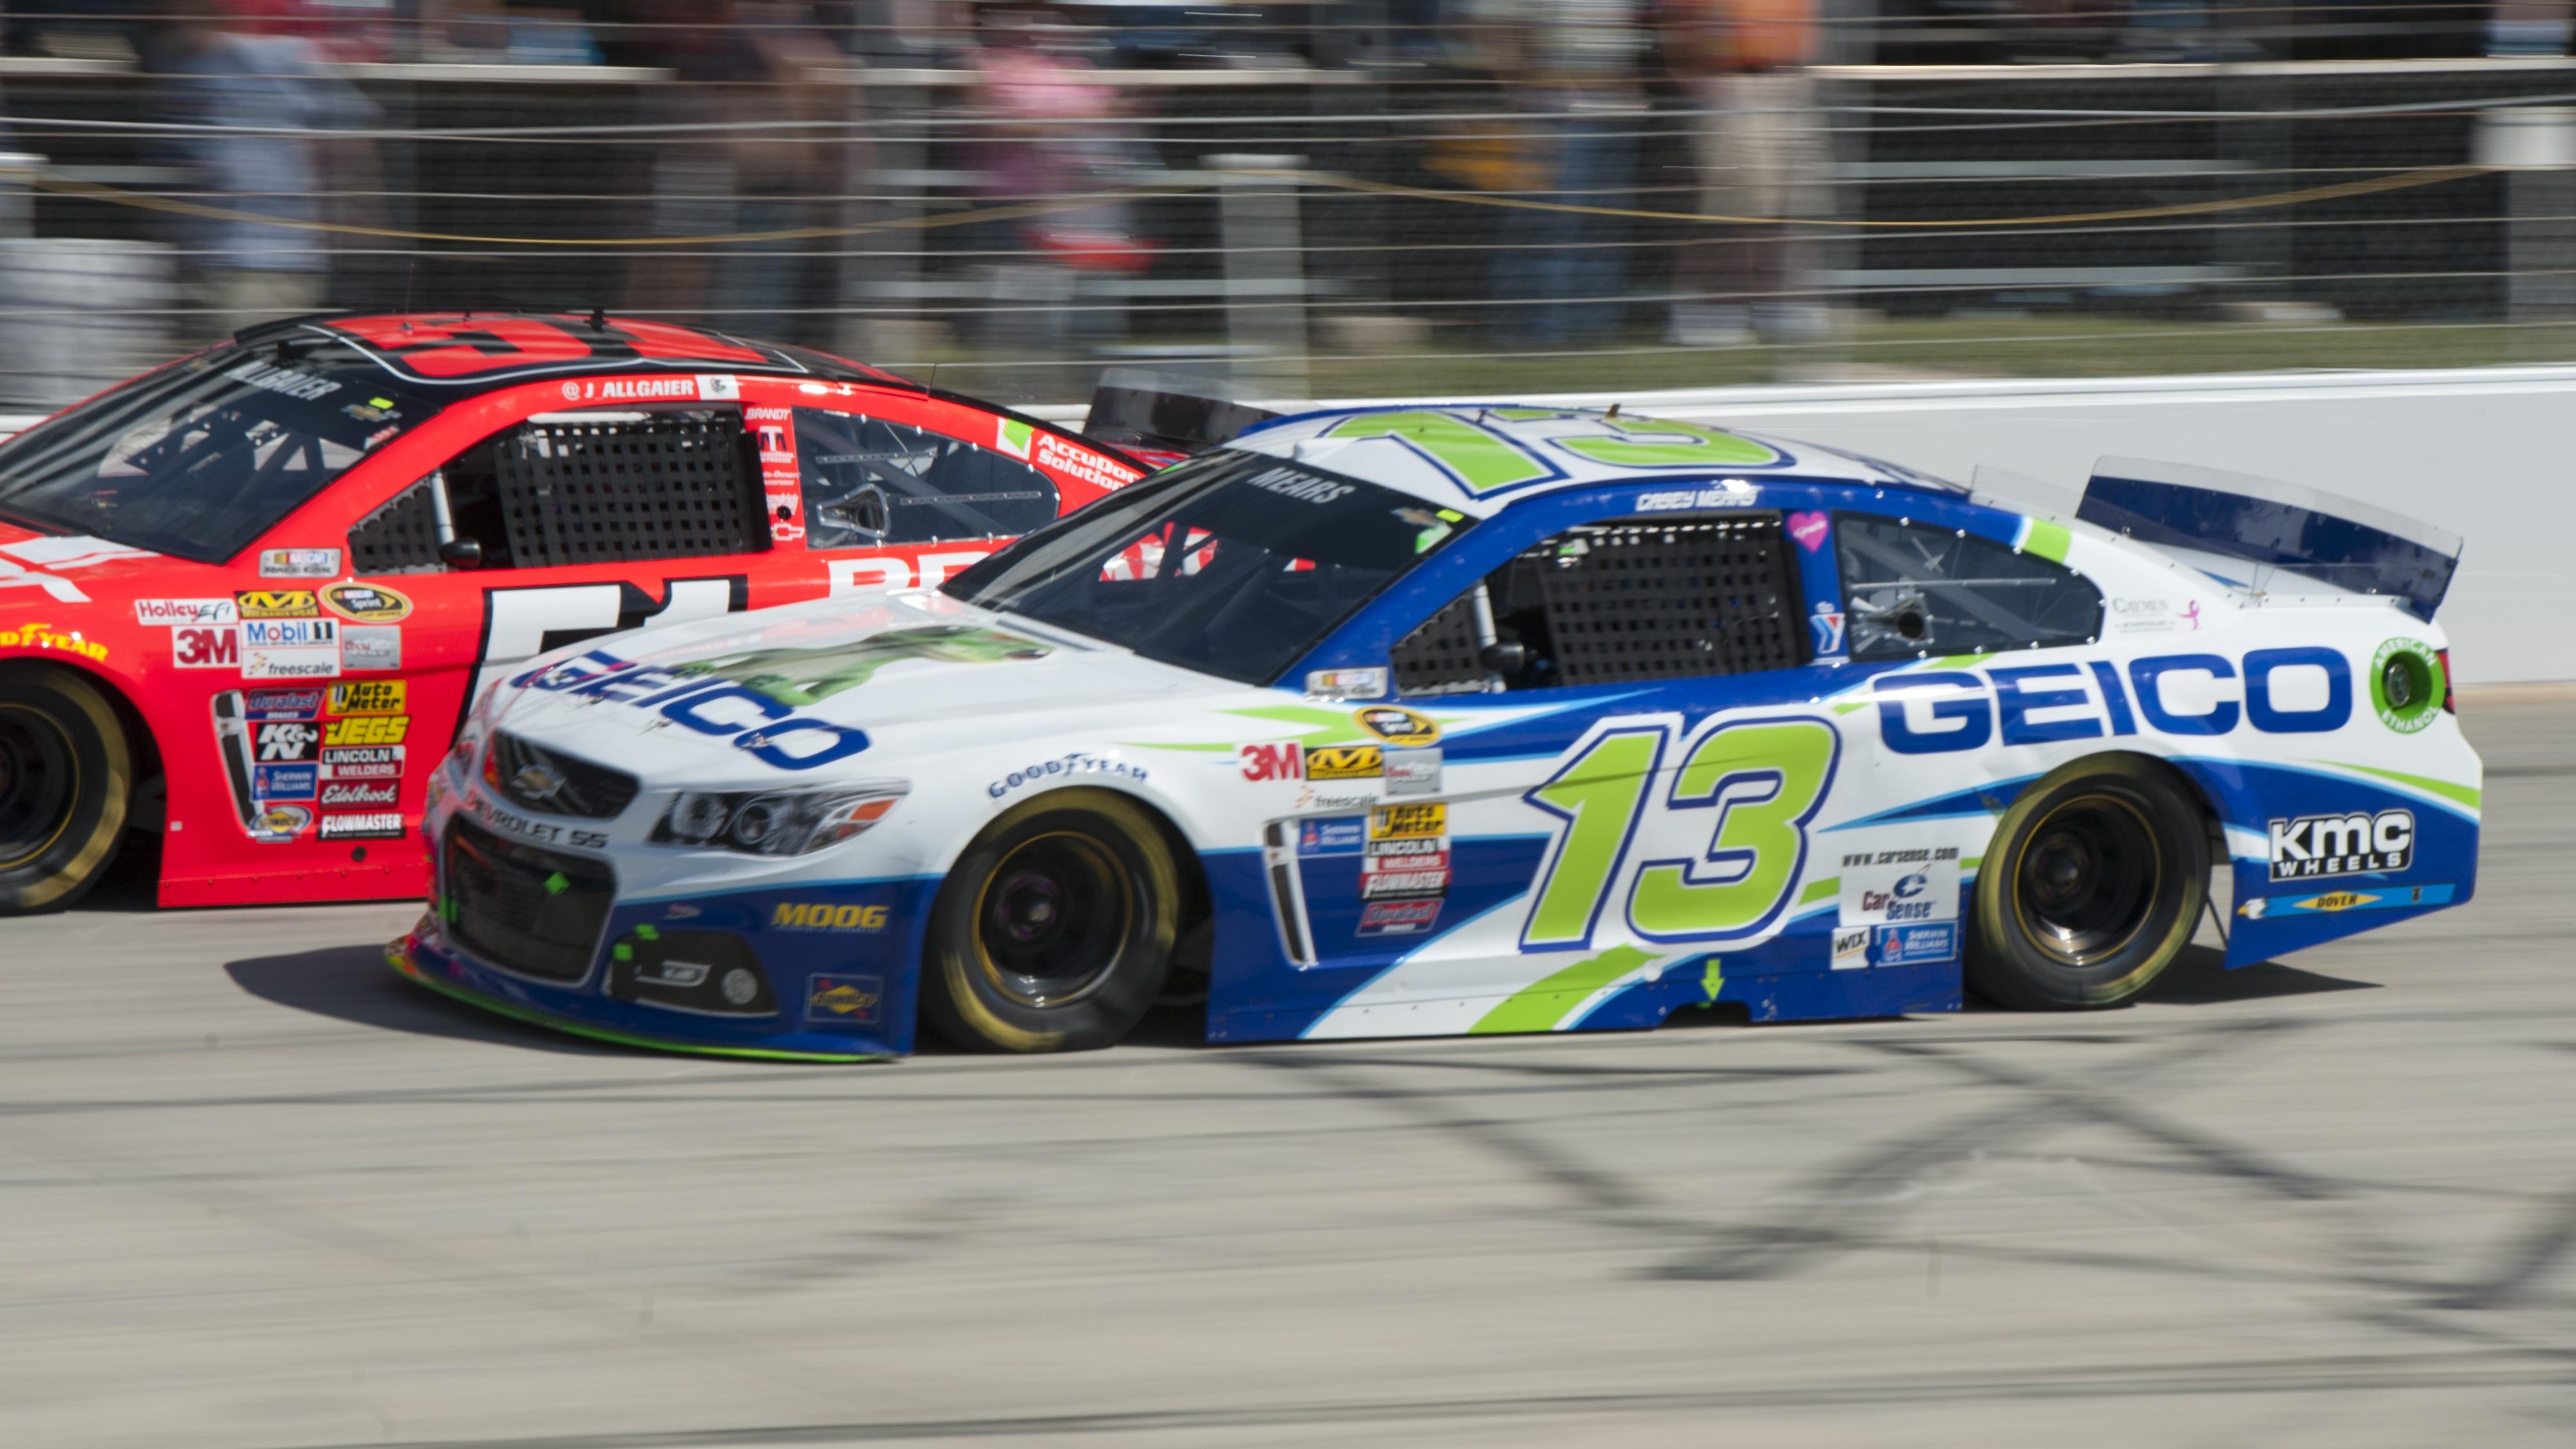 NASCAR, Activity, Auto, Car, Race, HQ Photo